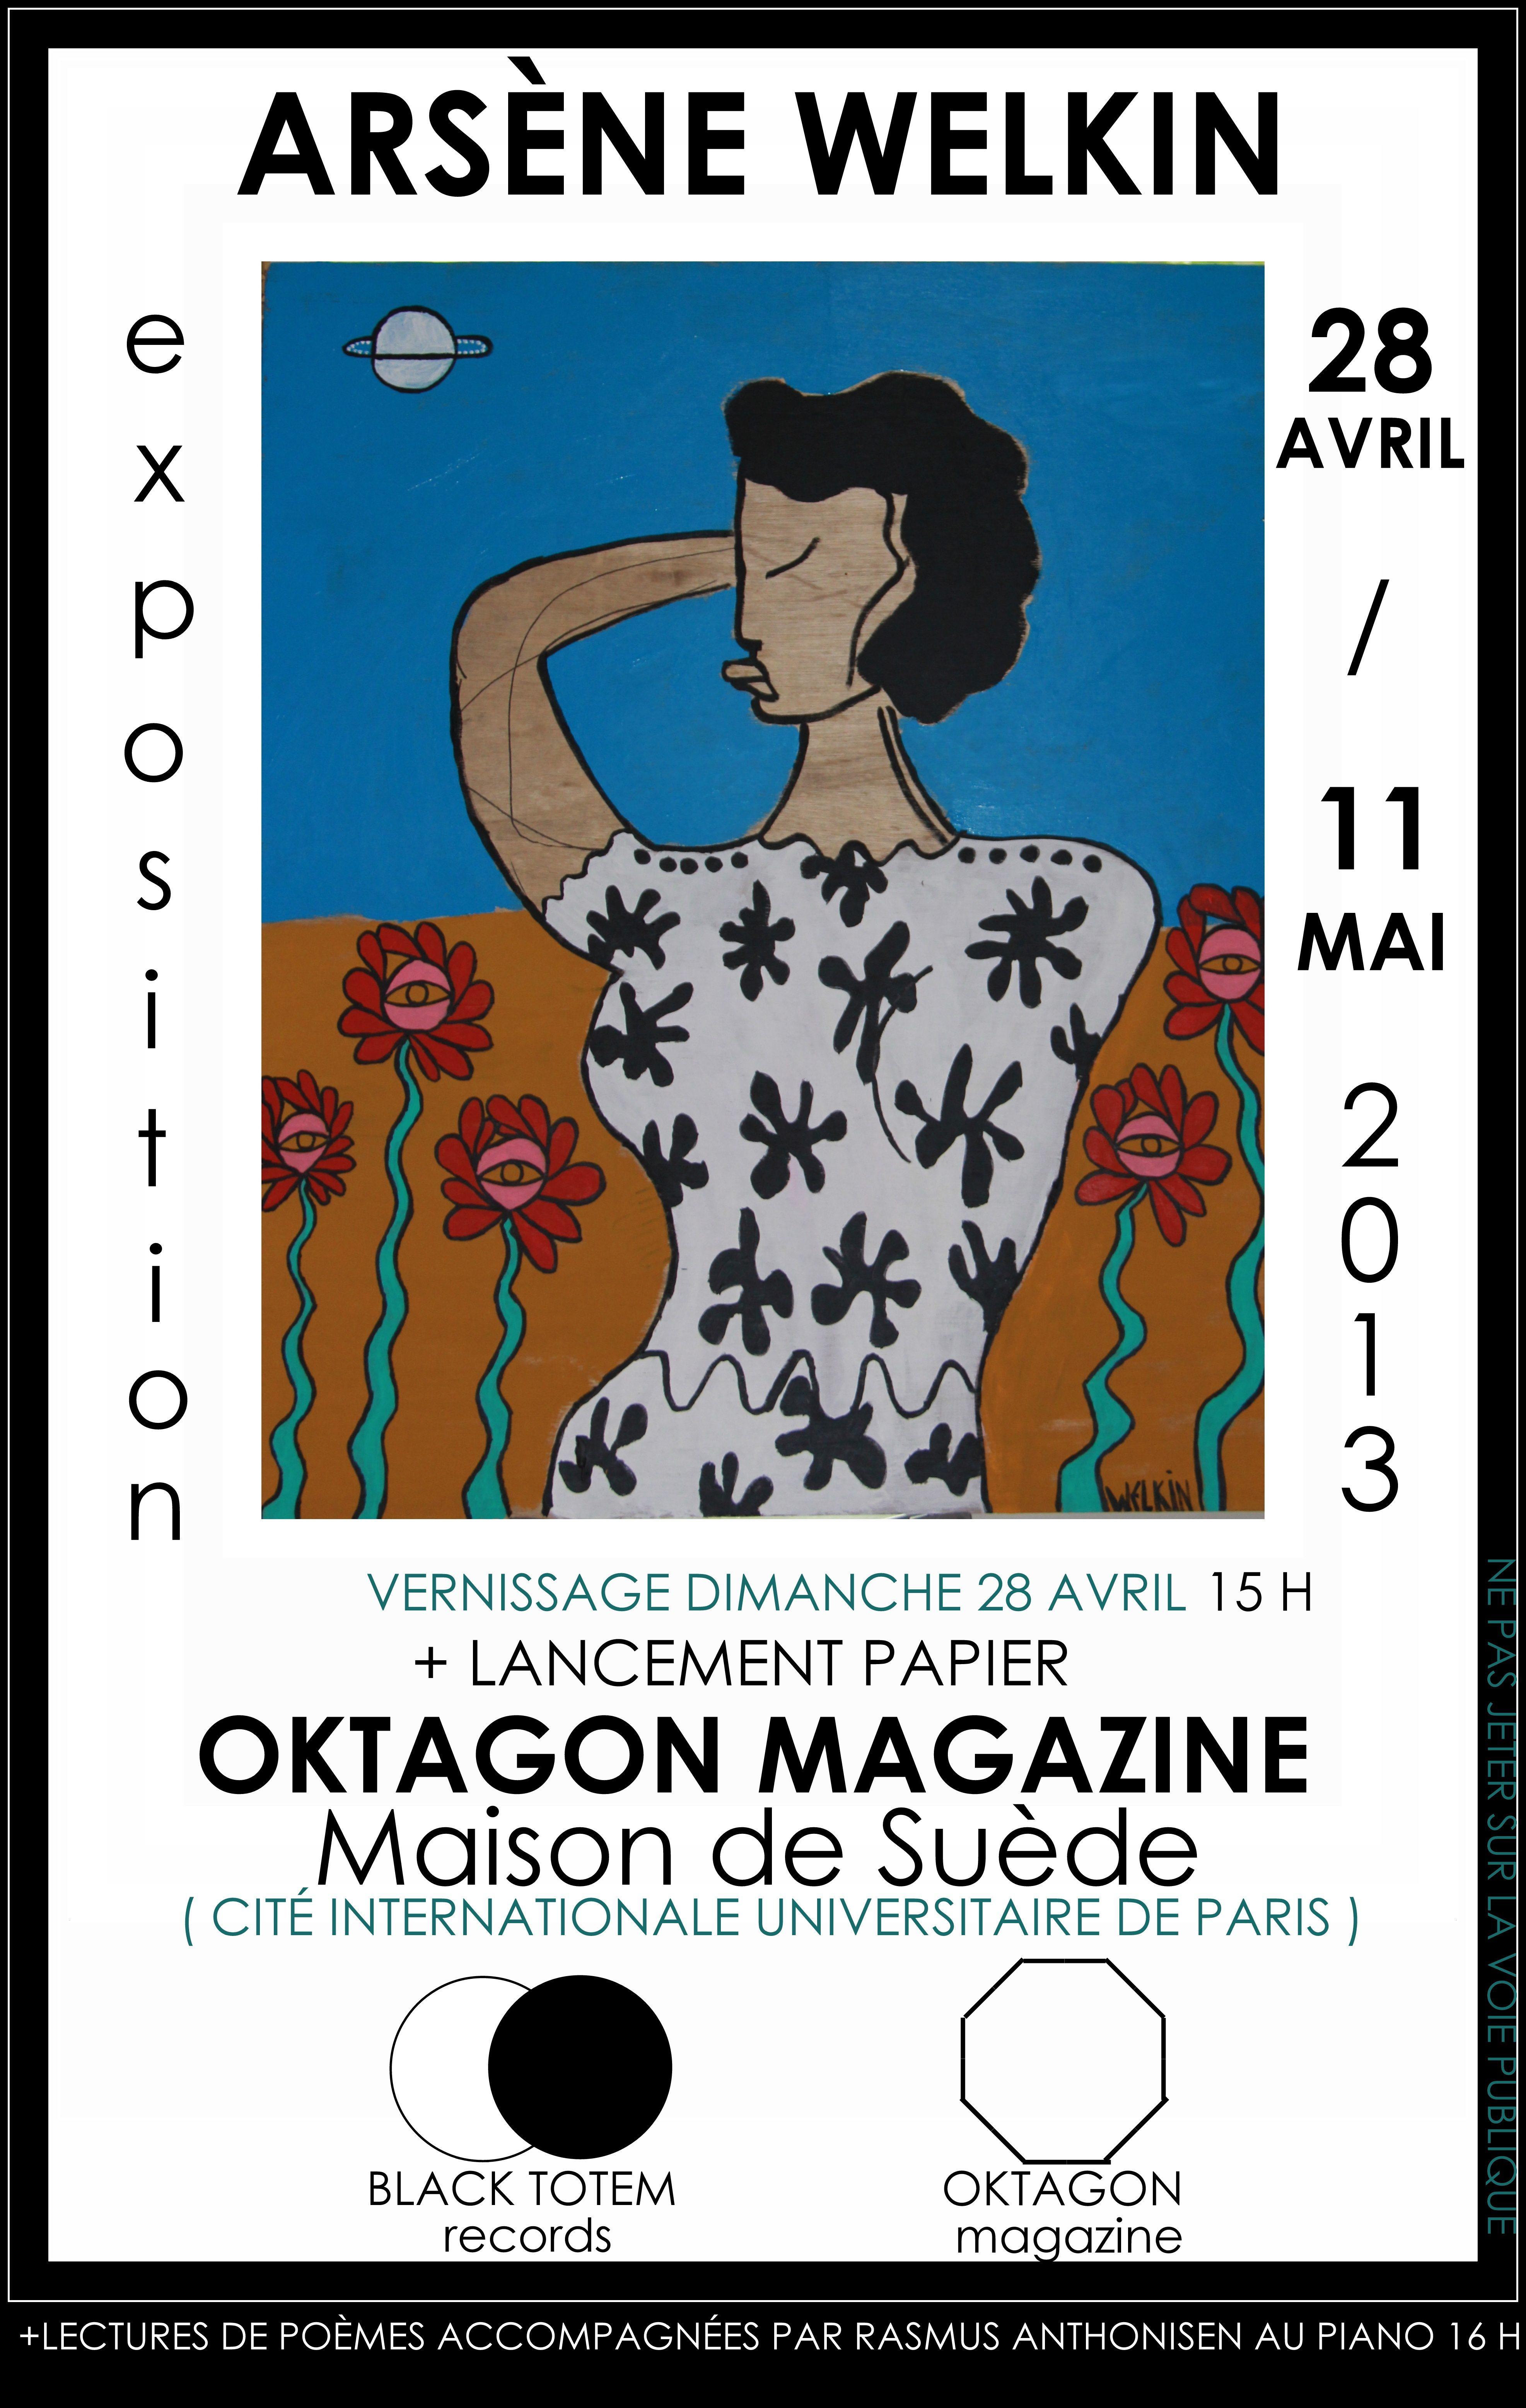 Exposition et lancement du papier Oktagon Magazine